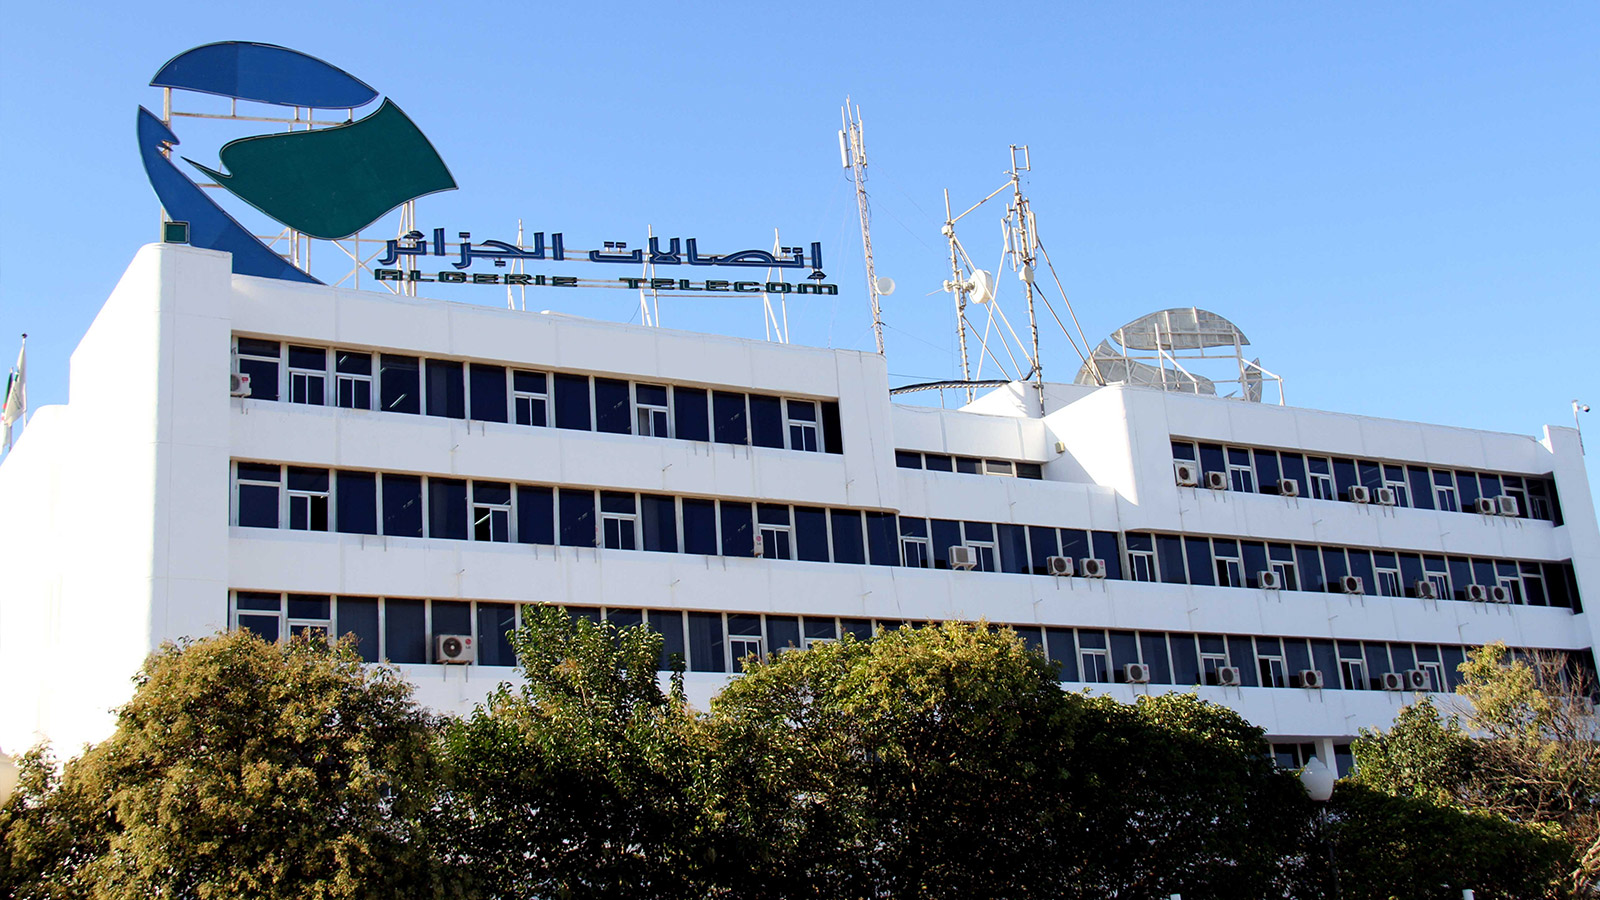 صورة اتصالات الجزائر لن تقطع الخطوط الهاتفية طيلة فترة الحجر المنزلي